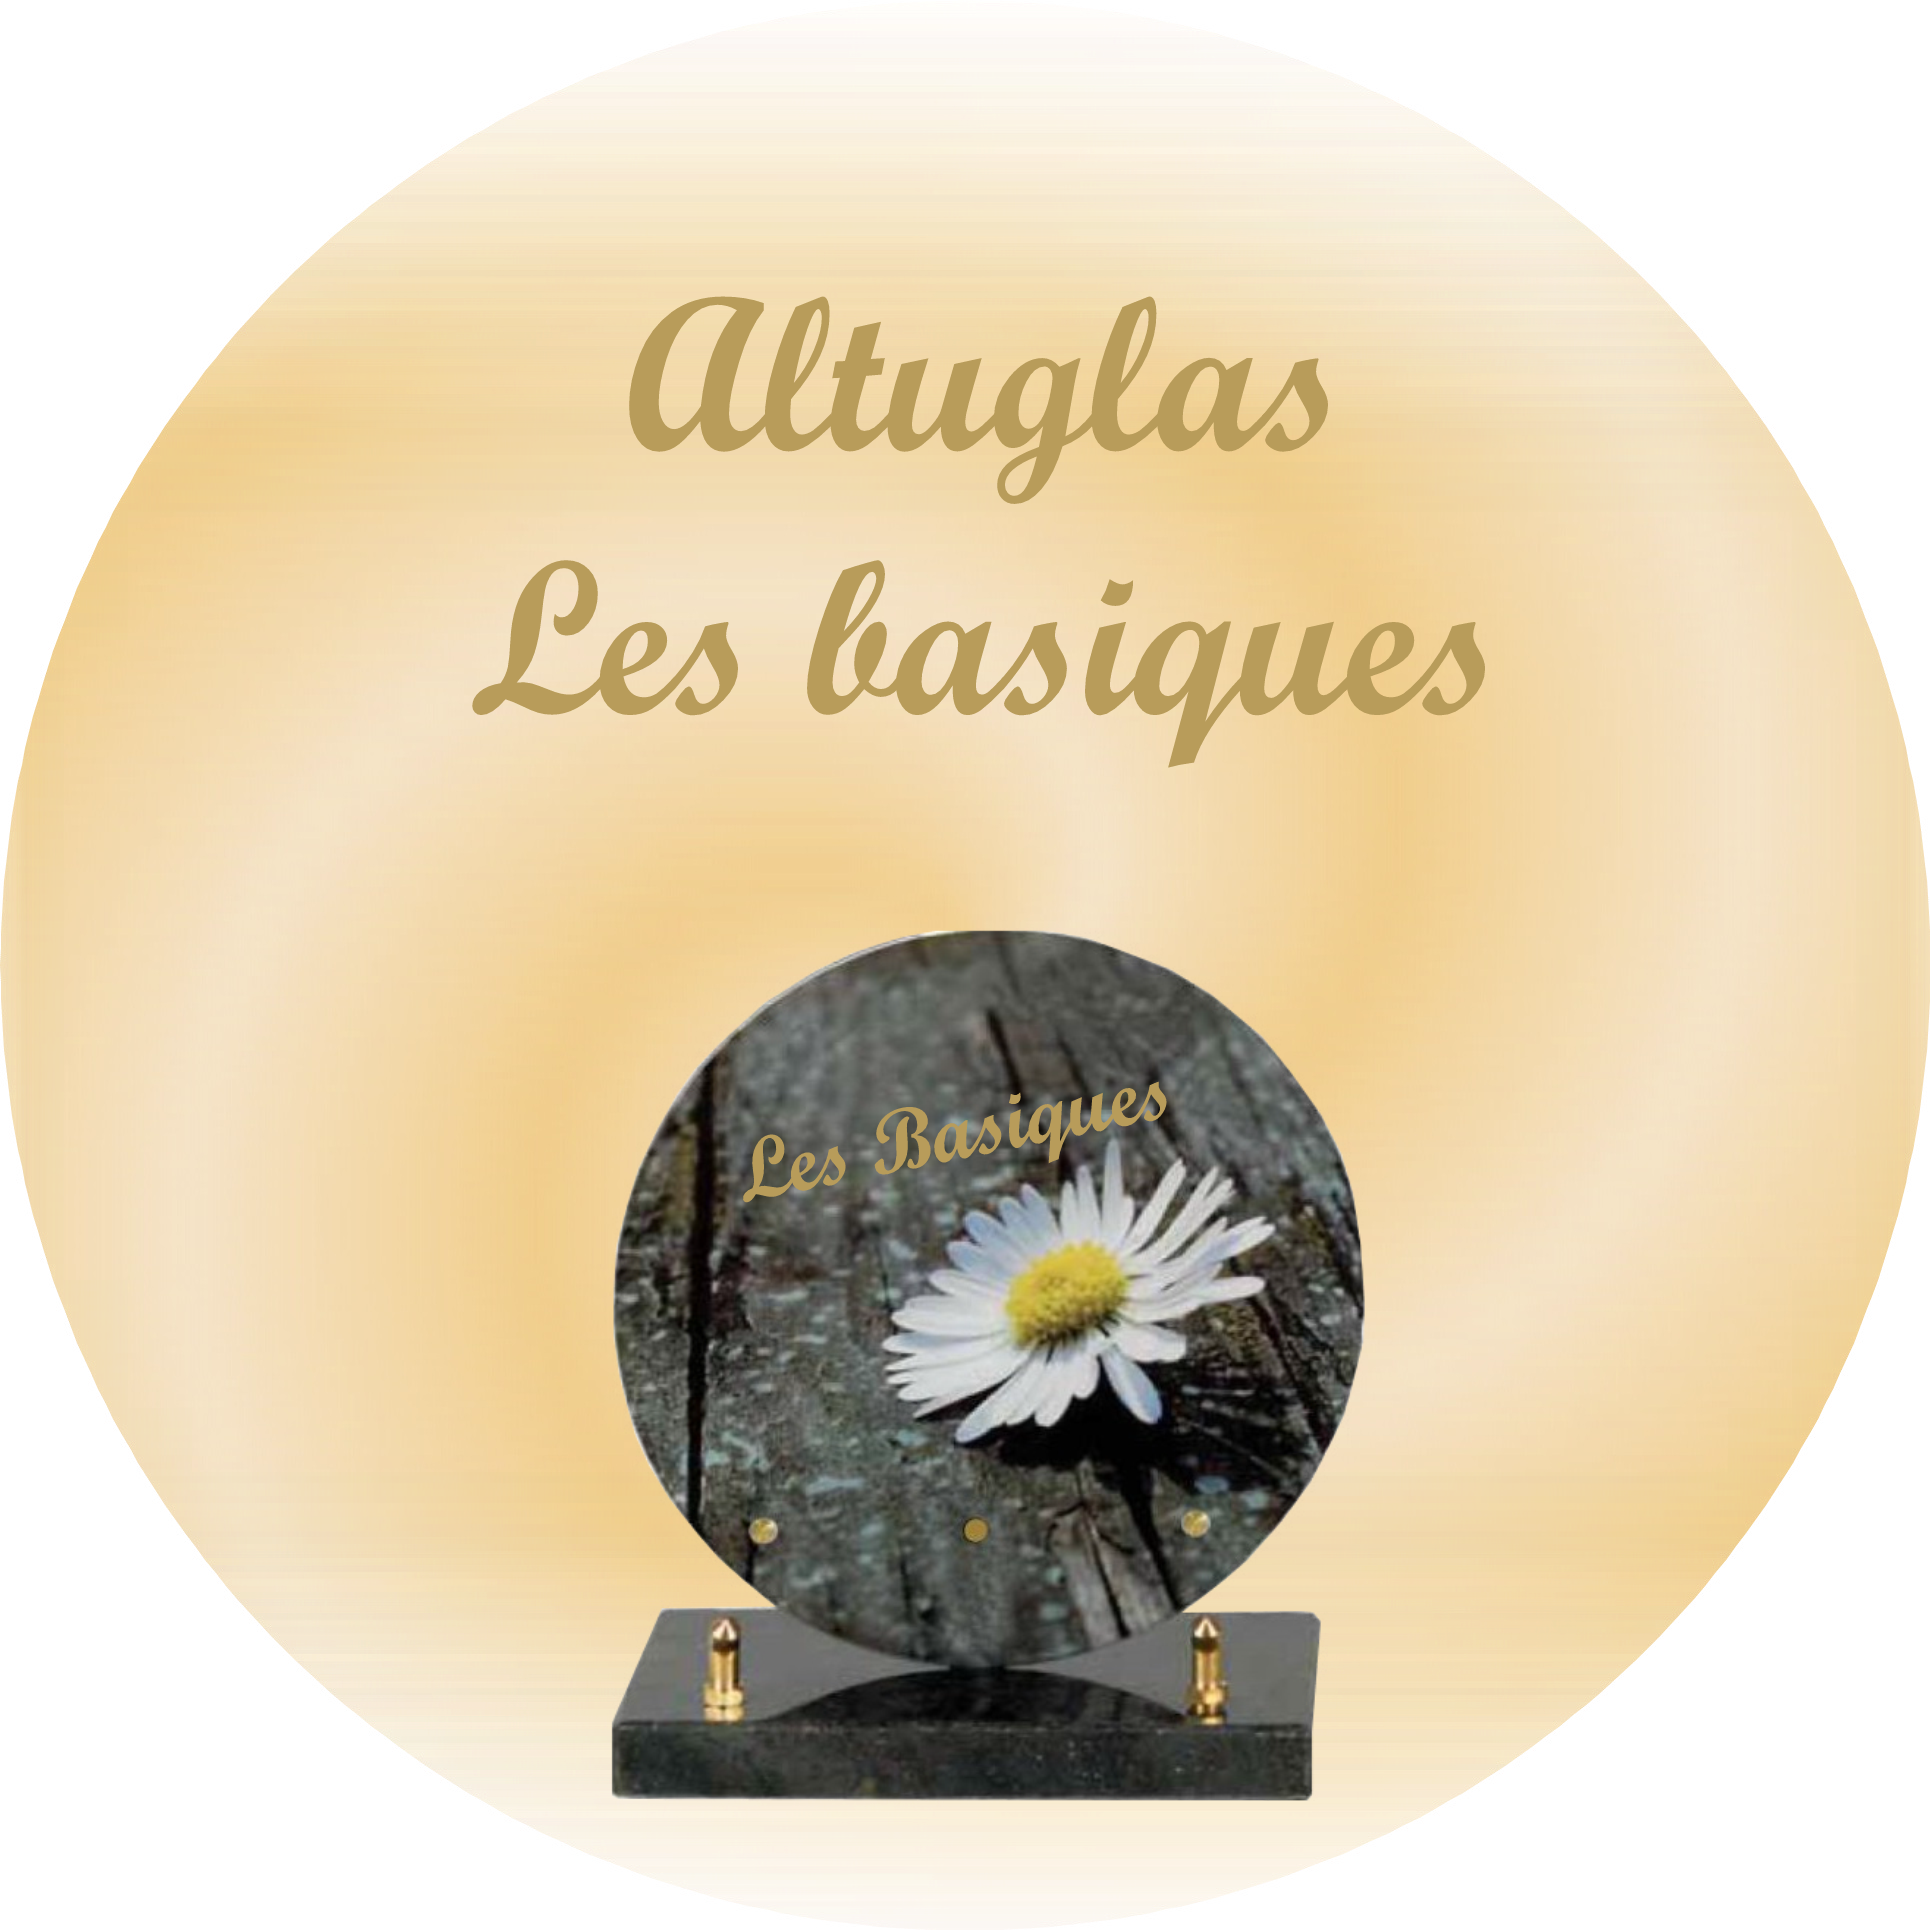 plaques funeraires altuglas basique SAINT-DENIS-SUR-HUISNE